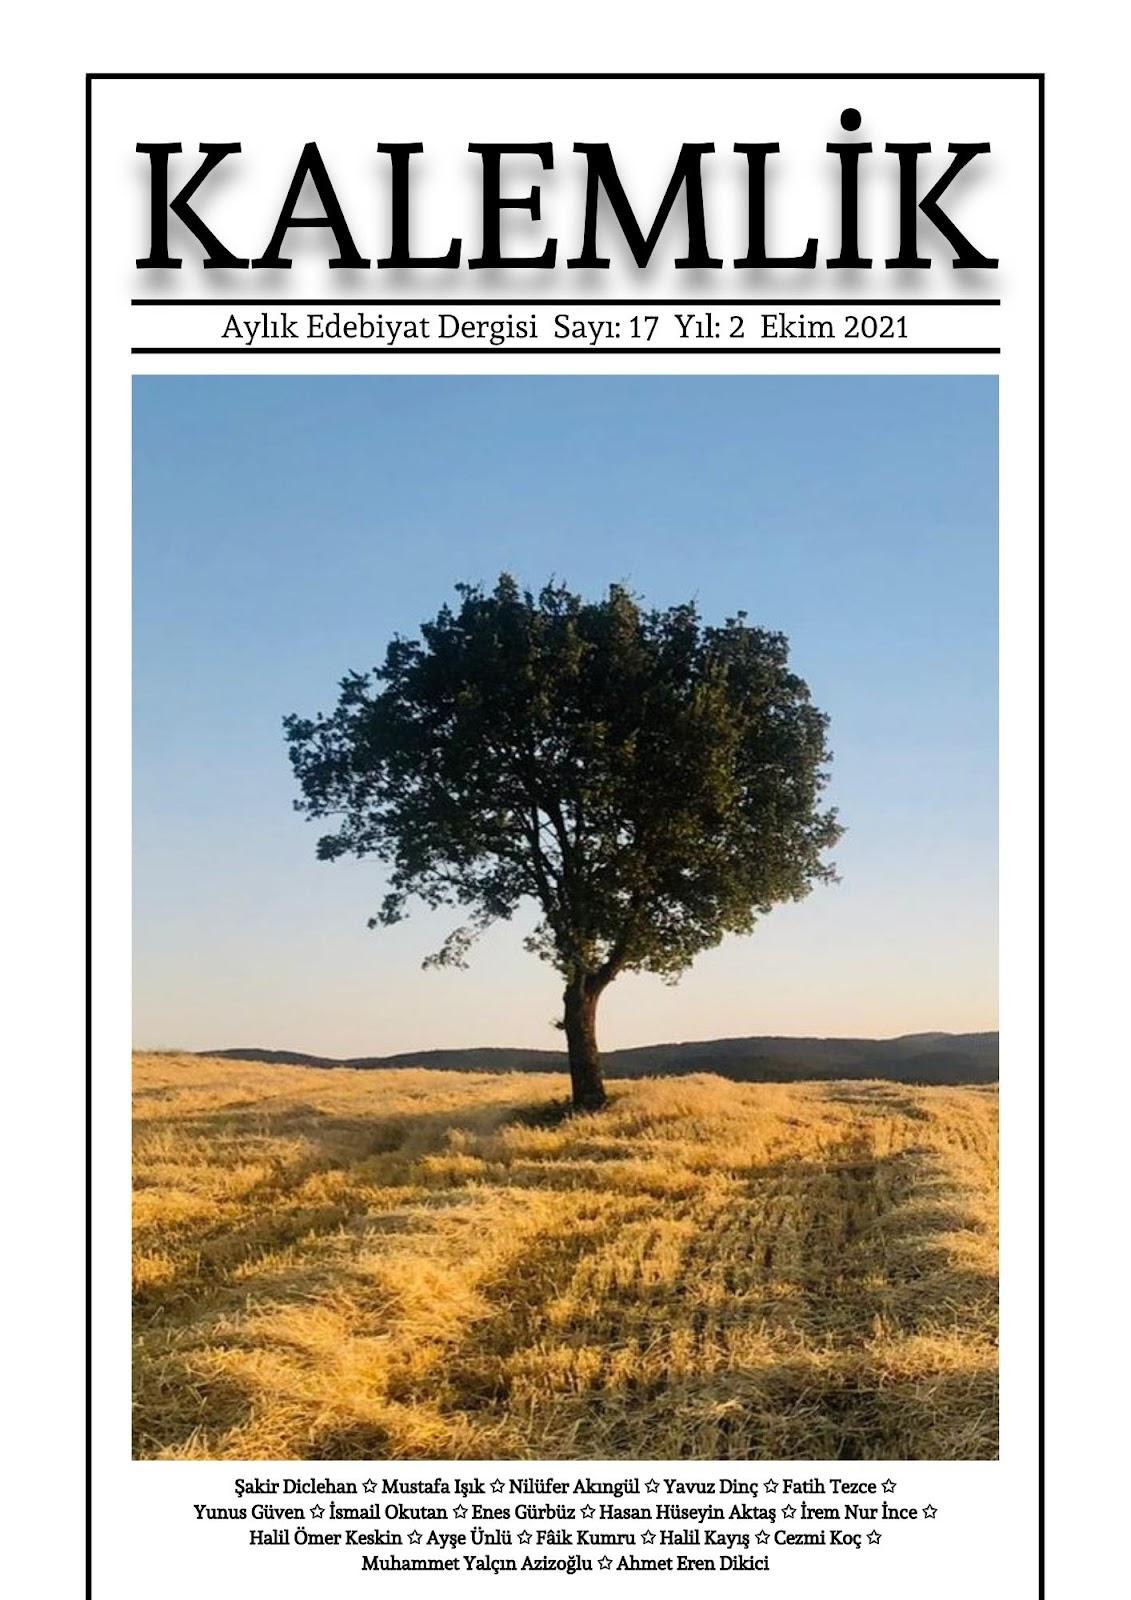 Kalemlik - Edebiyat Dergisi